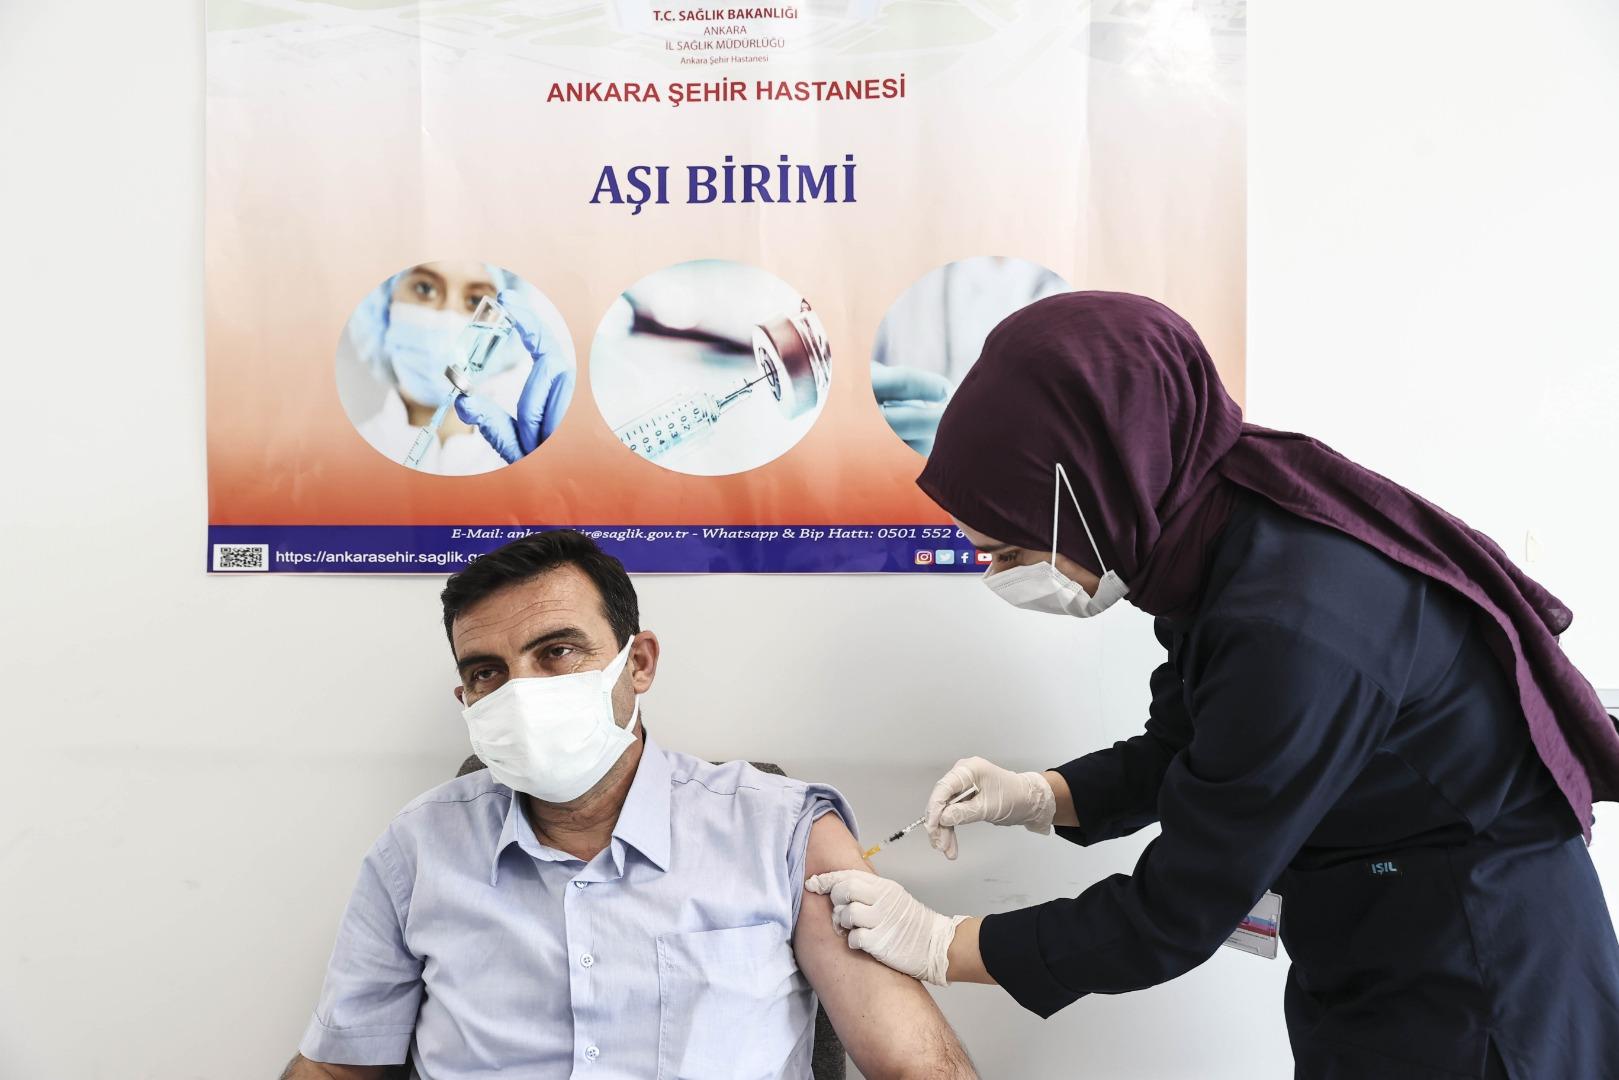 Başkent'te muhtarlara Kovid-19 aşısı yapılmaya başlandı